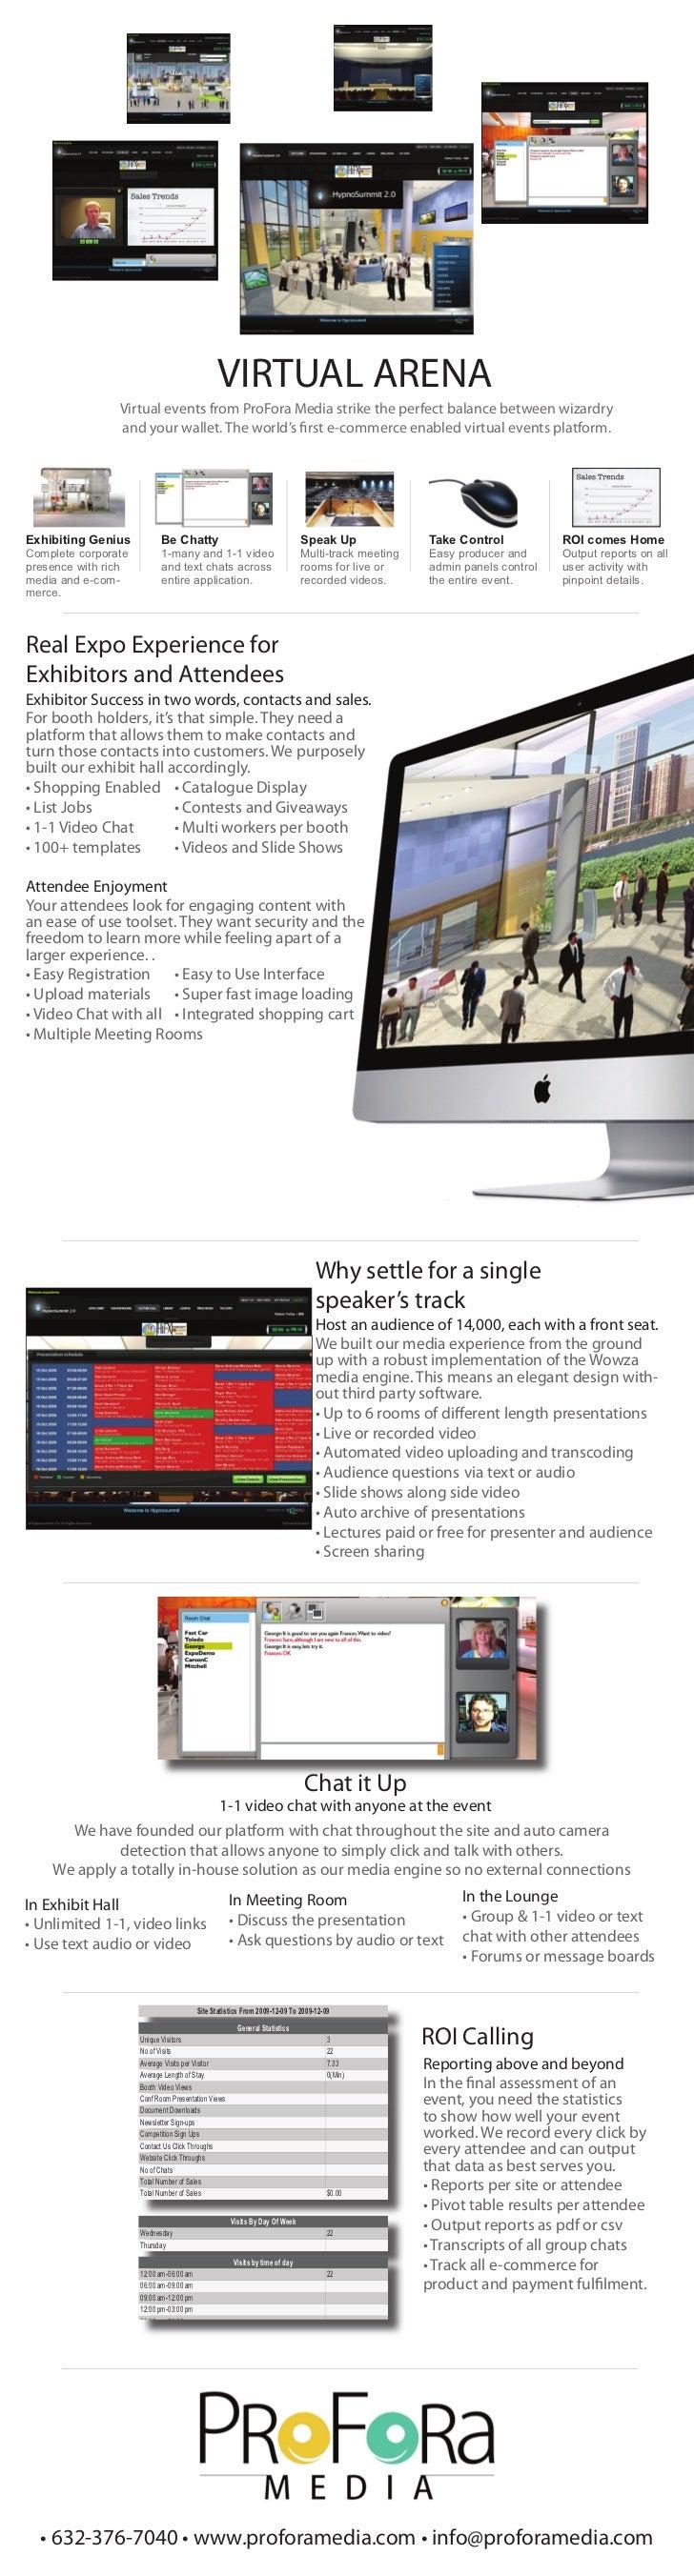 ProFora Media Virtual Arena Kit